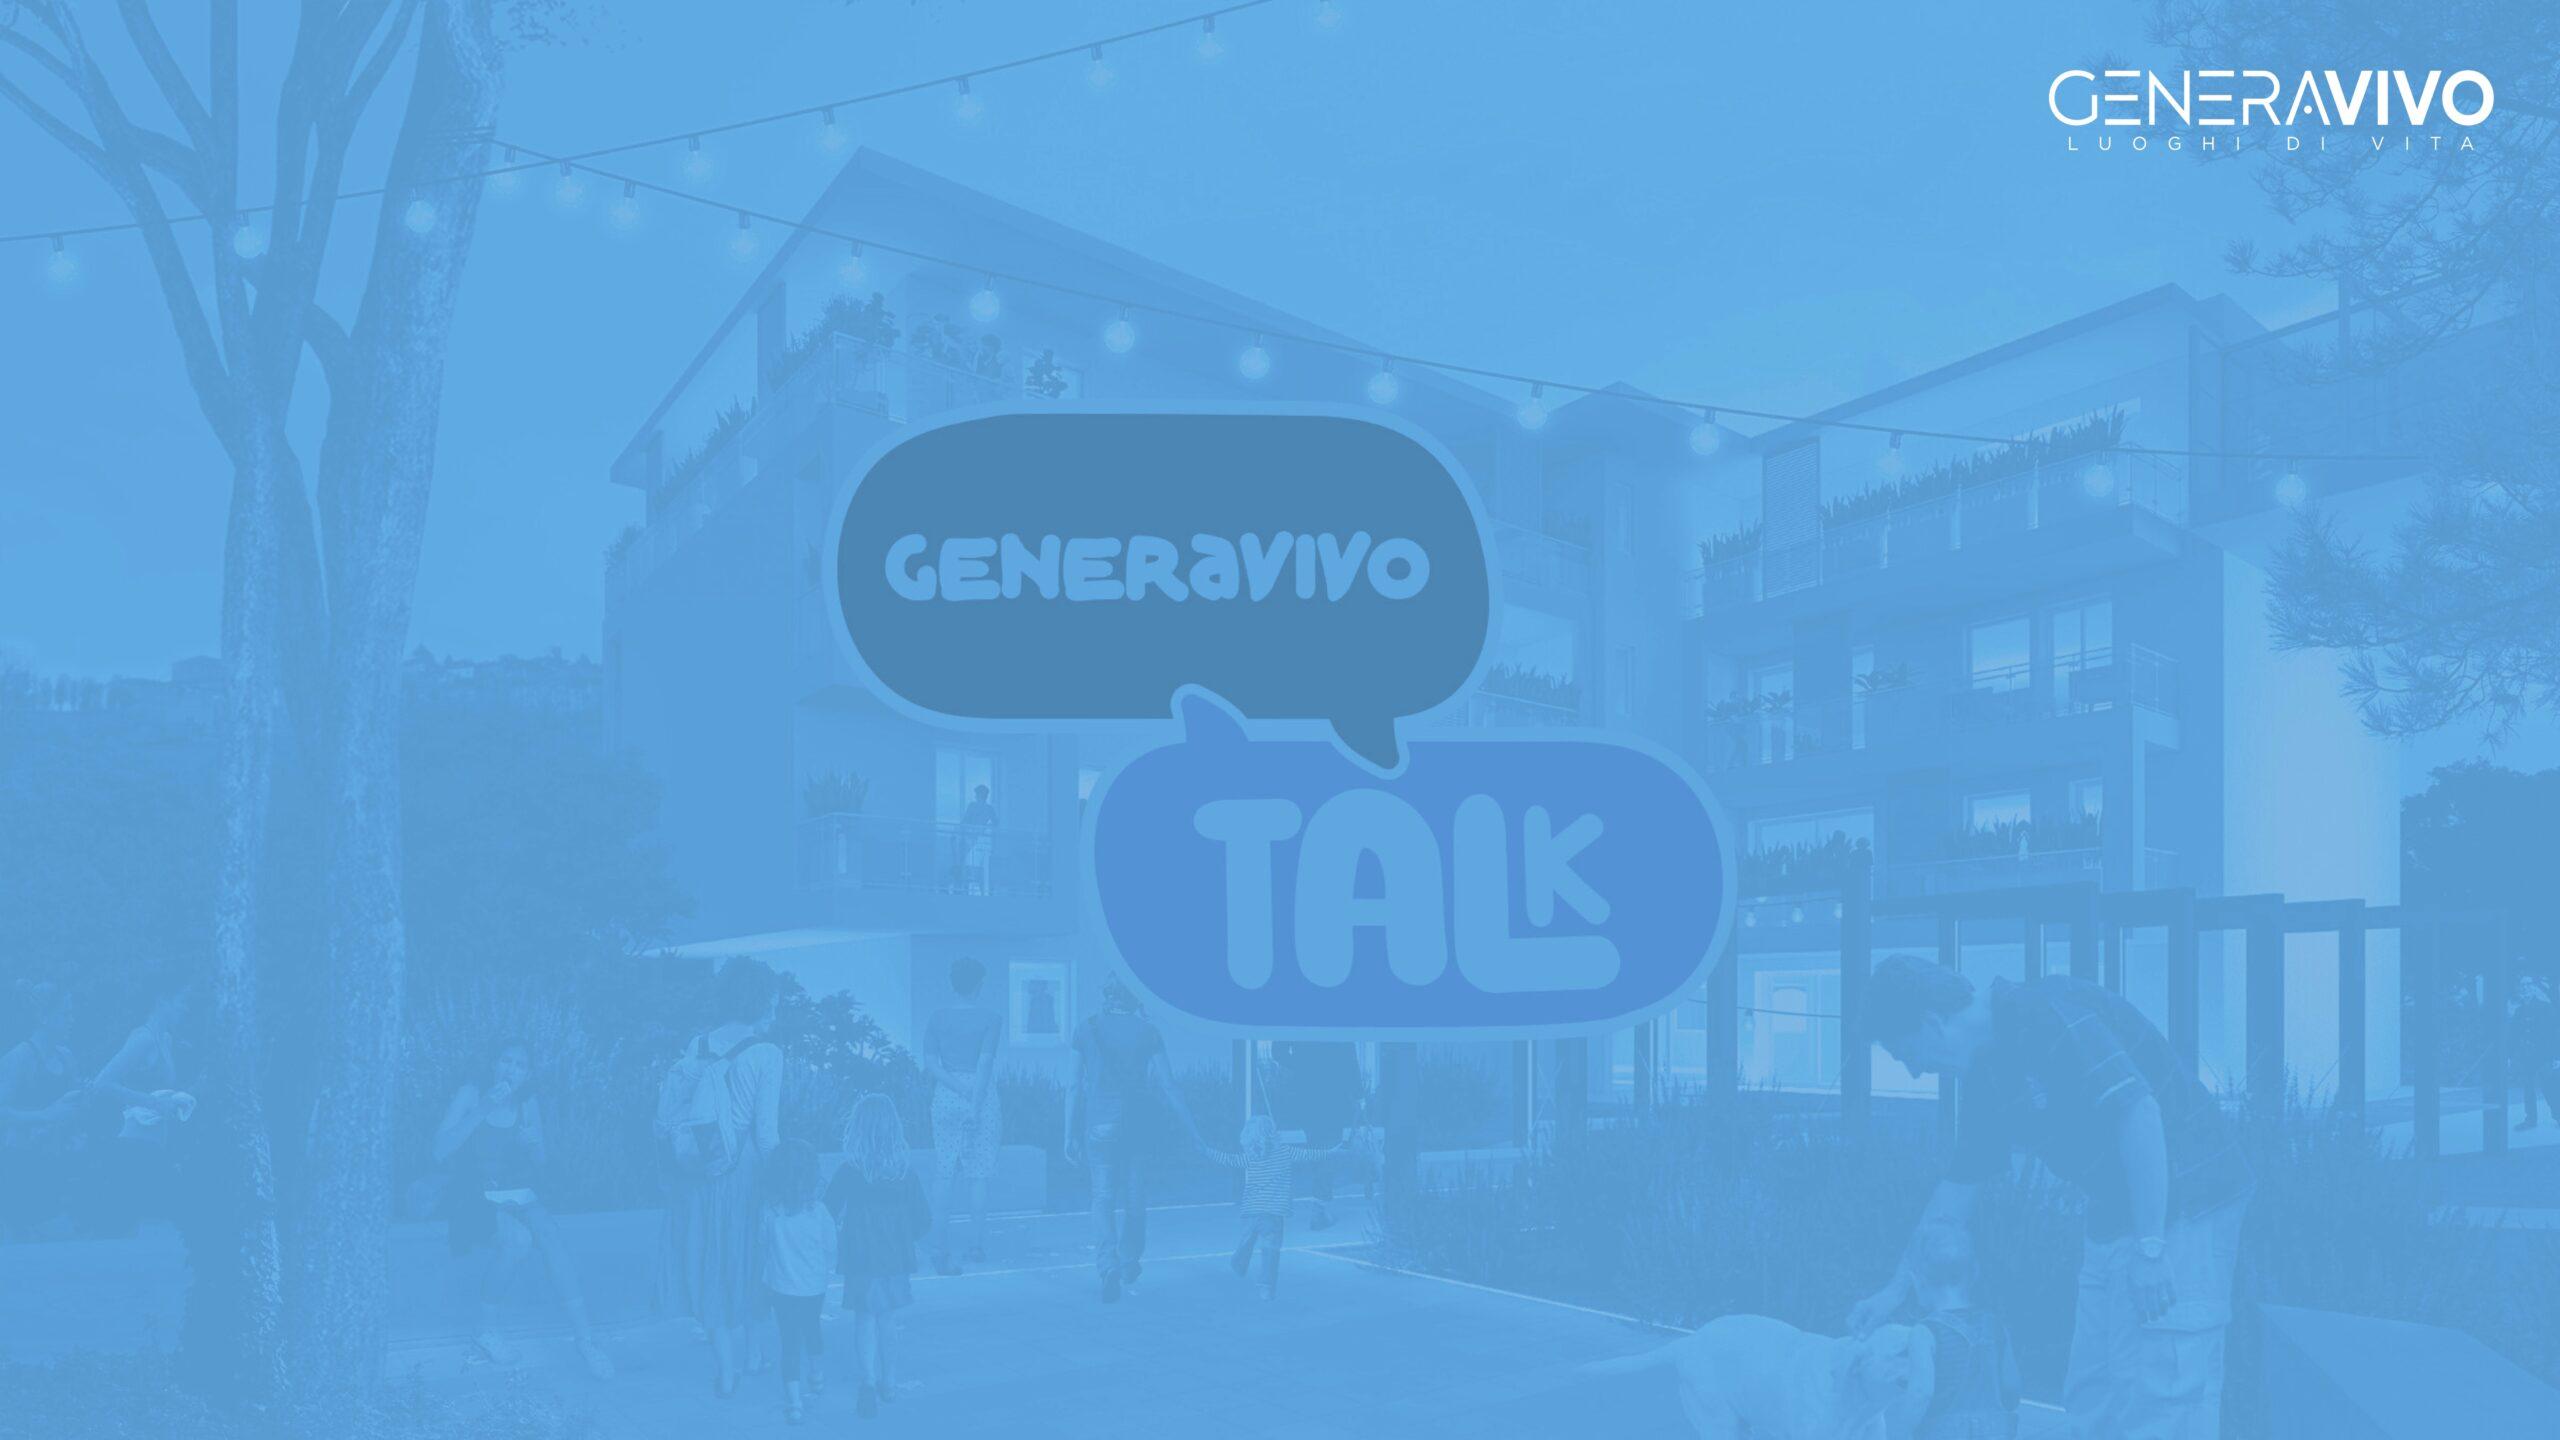 Generavivo Talk